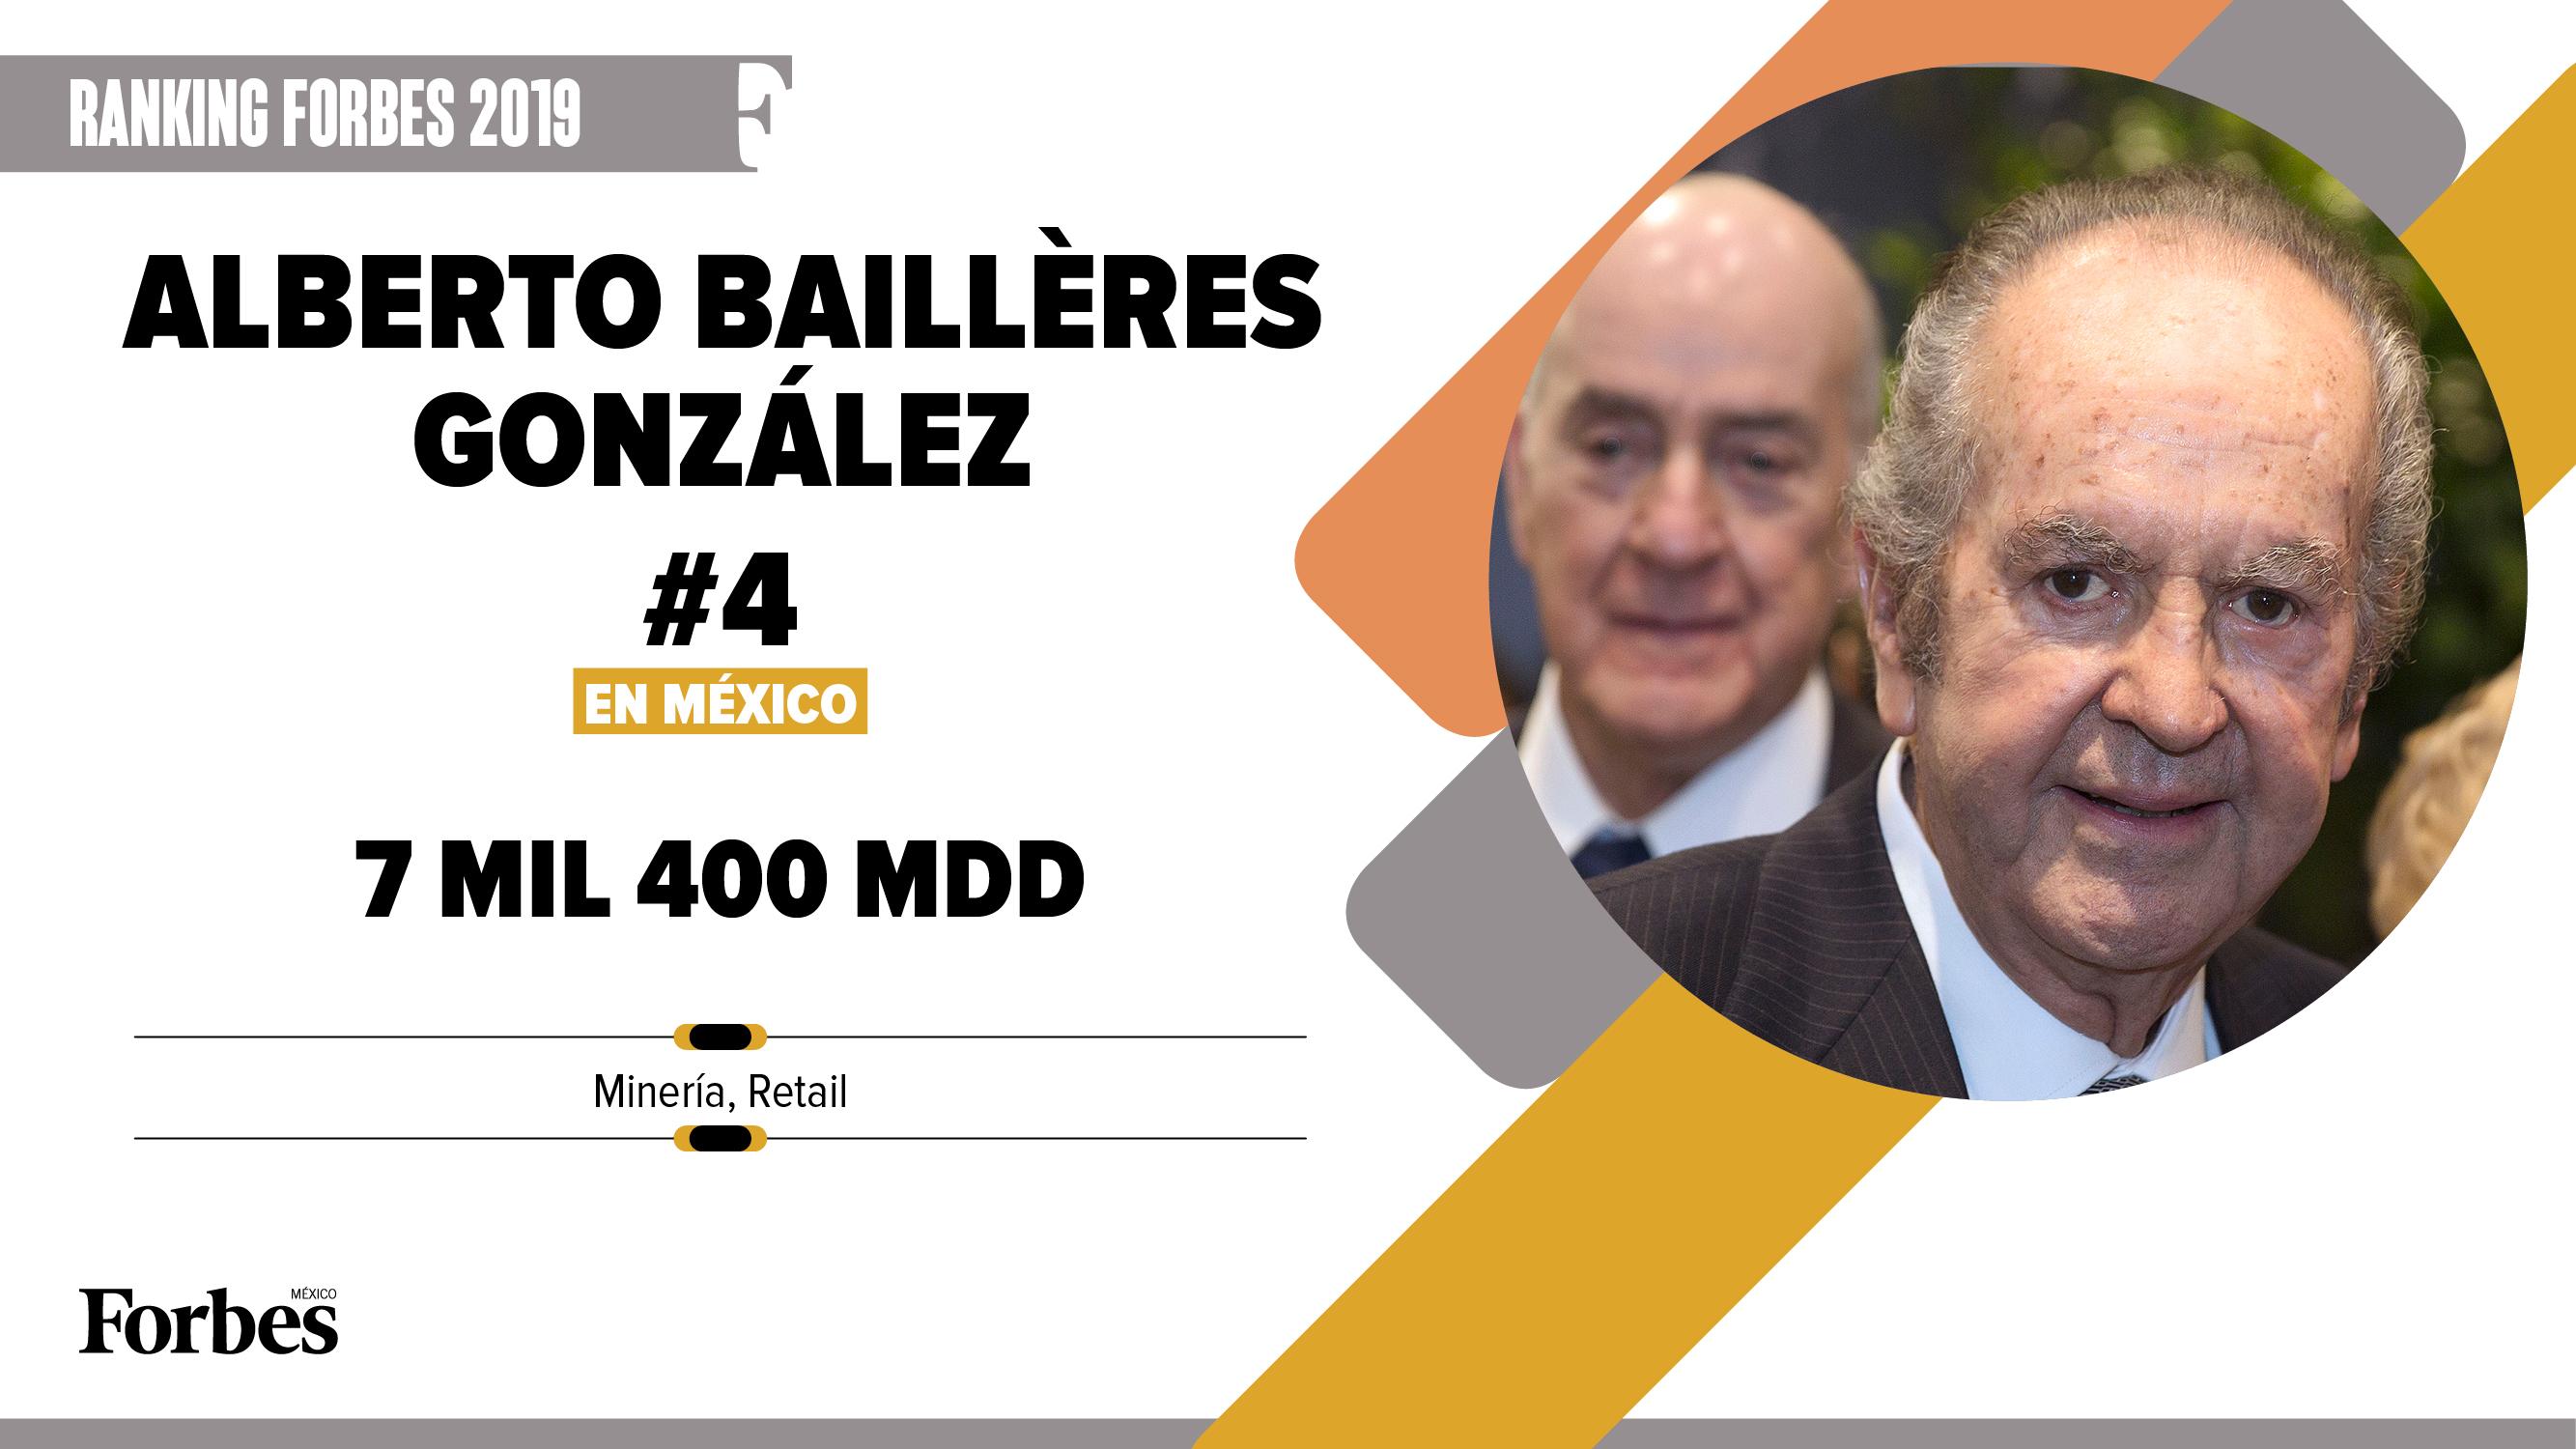 Billionaires 2019 | Alberto Baillères, 3,300 mdd menos, pero sigue al frente